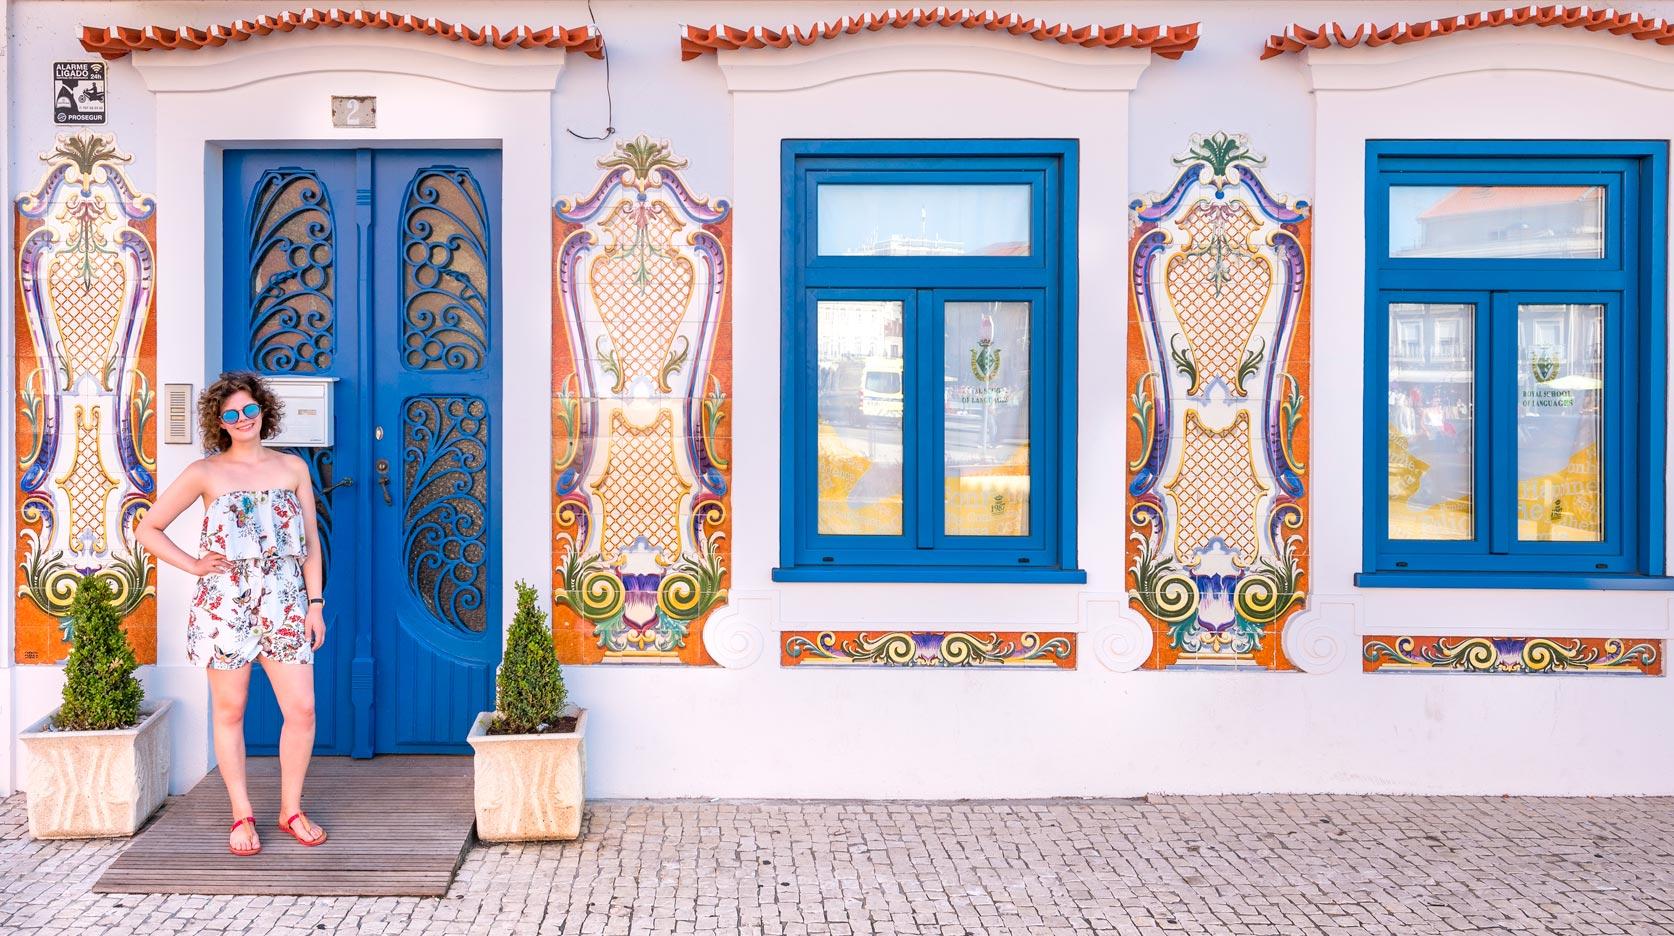 Paesaggi-Portogallo - DSC 2256 - Aveiro, modella di fronte a casa piastrellata, Portogallo - Aveiro, modella di fronte a casa piastrellata, Portogallo